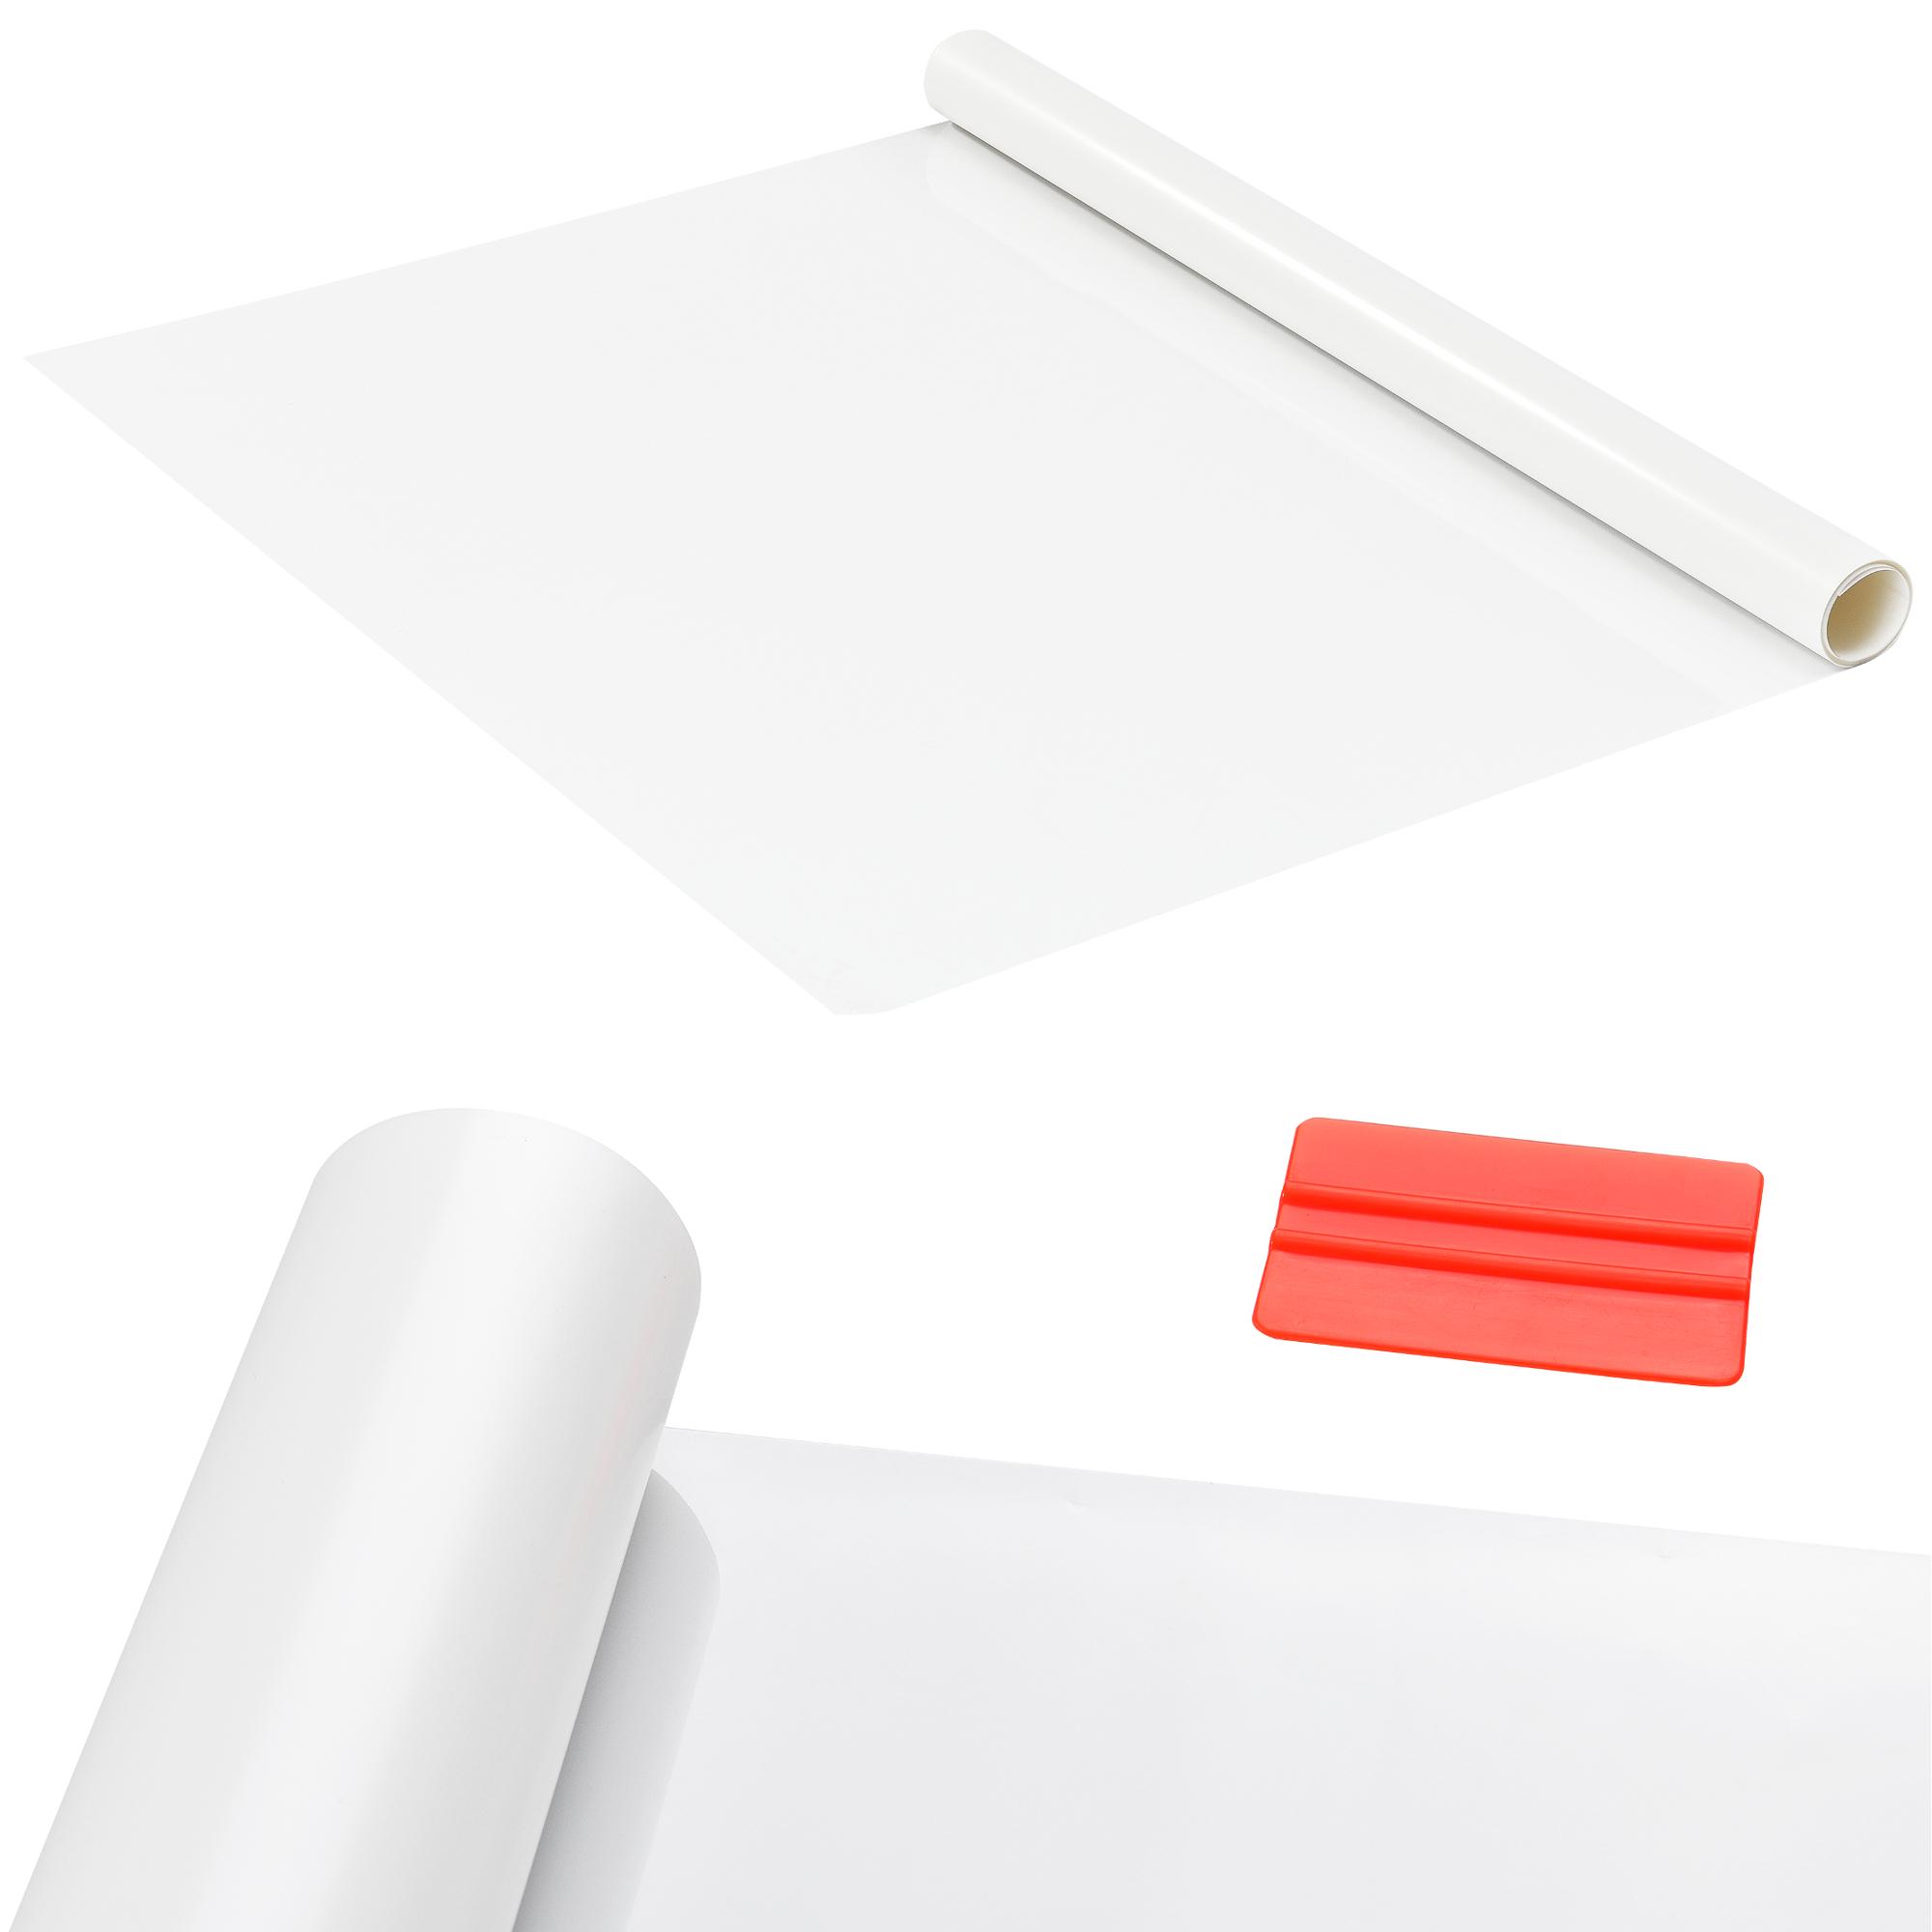 casao] Sichtschutzfolie selbstklebend statisch Milchglasfolie